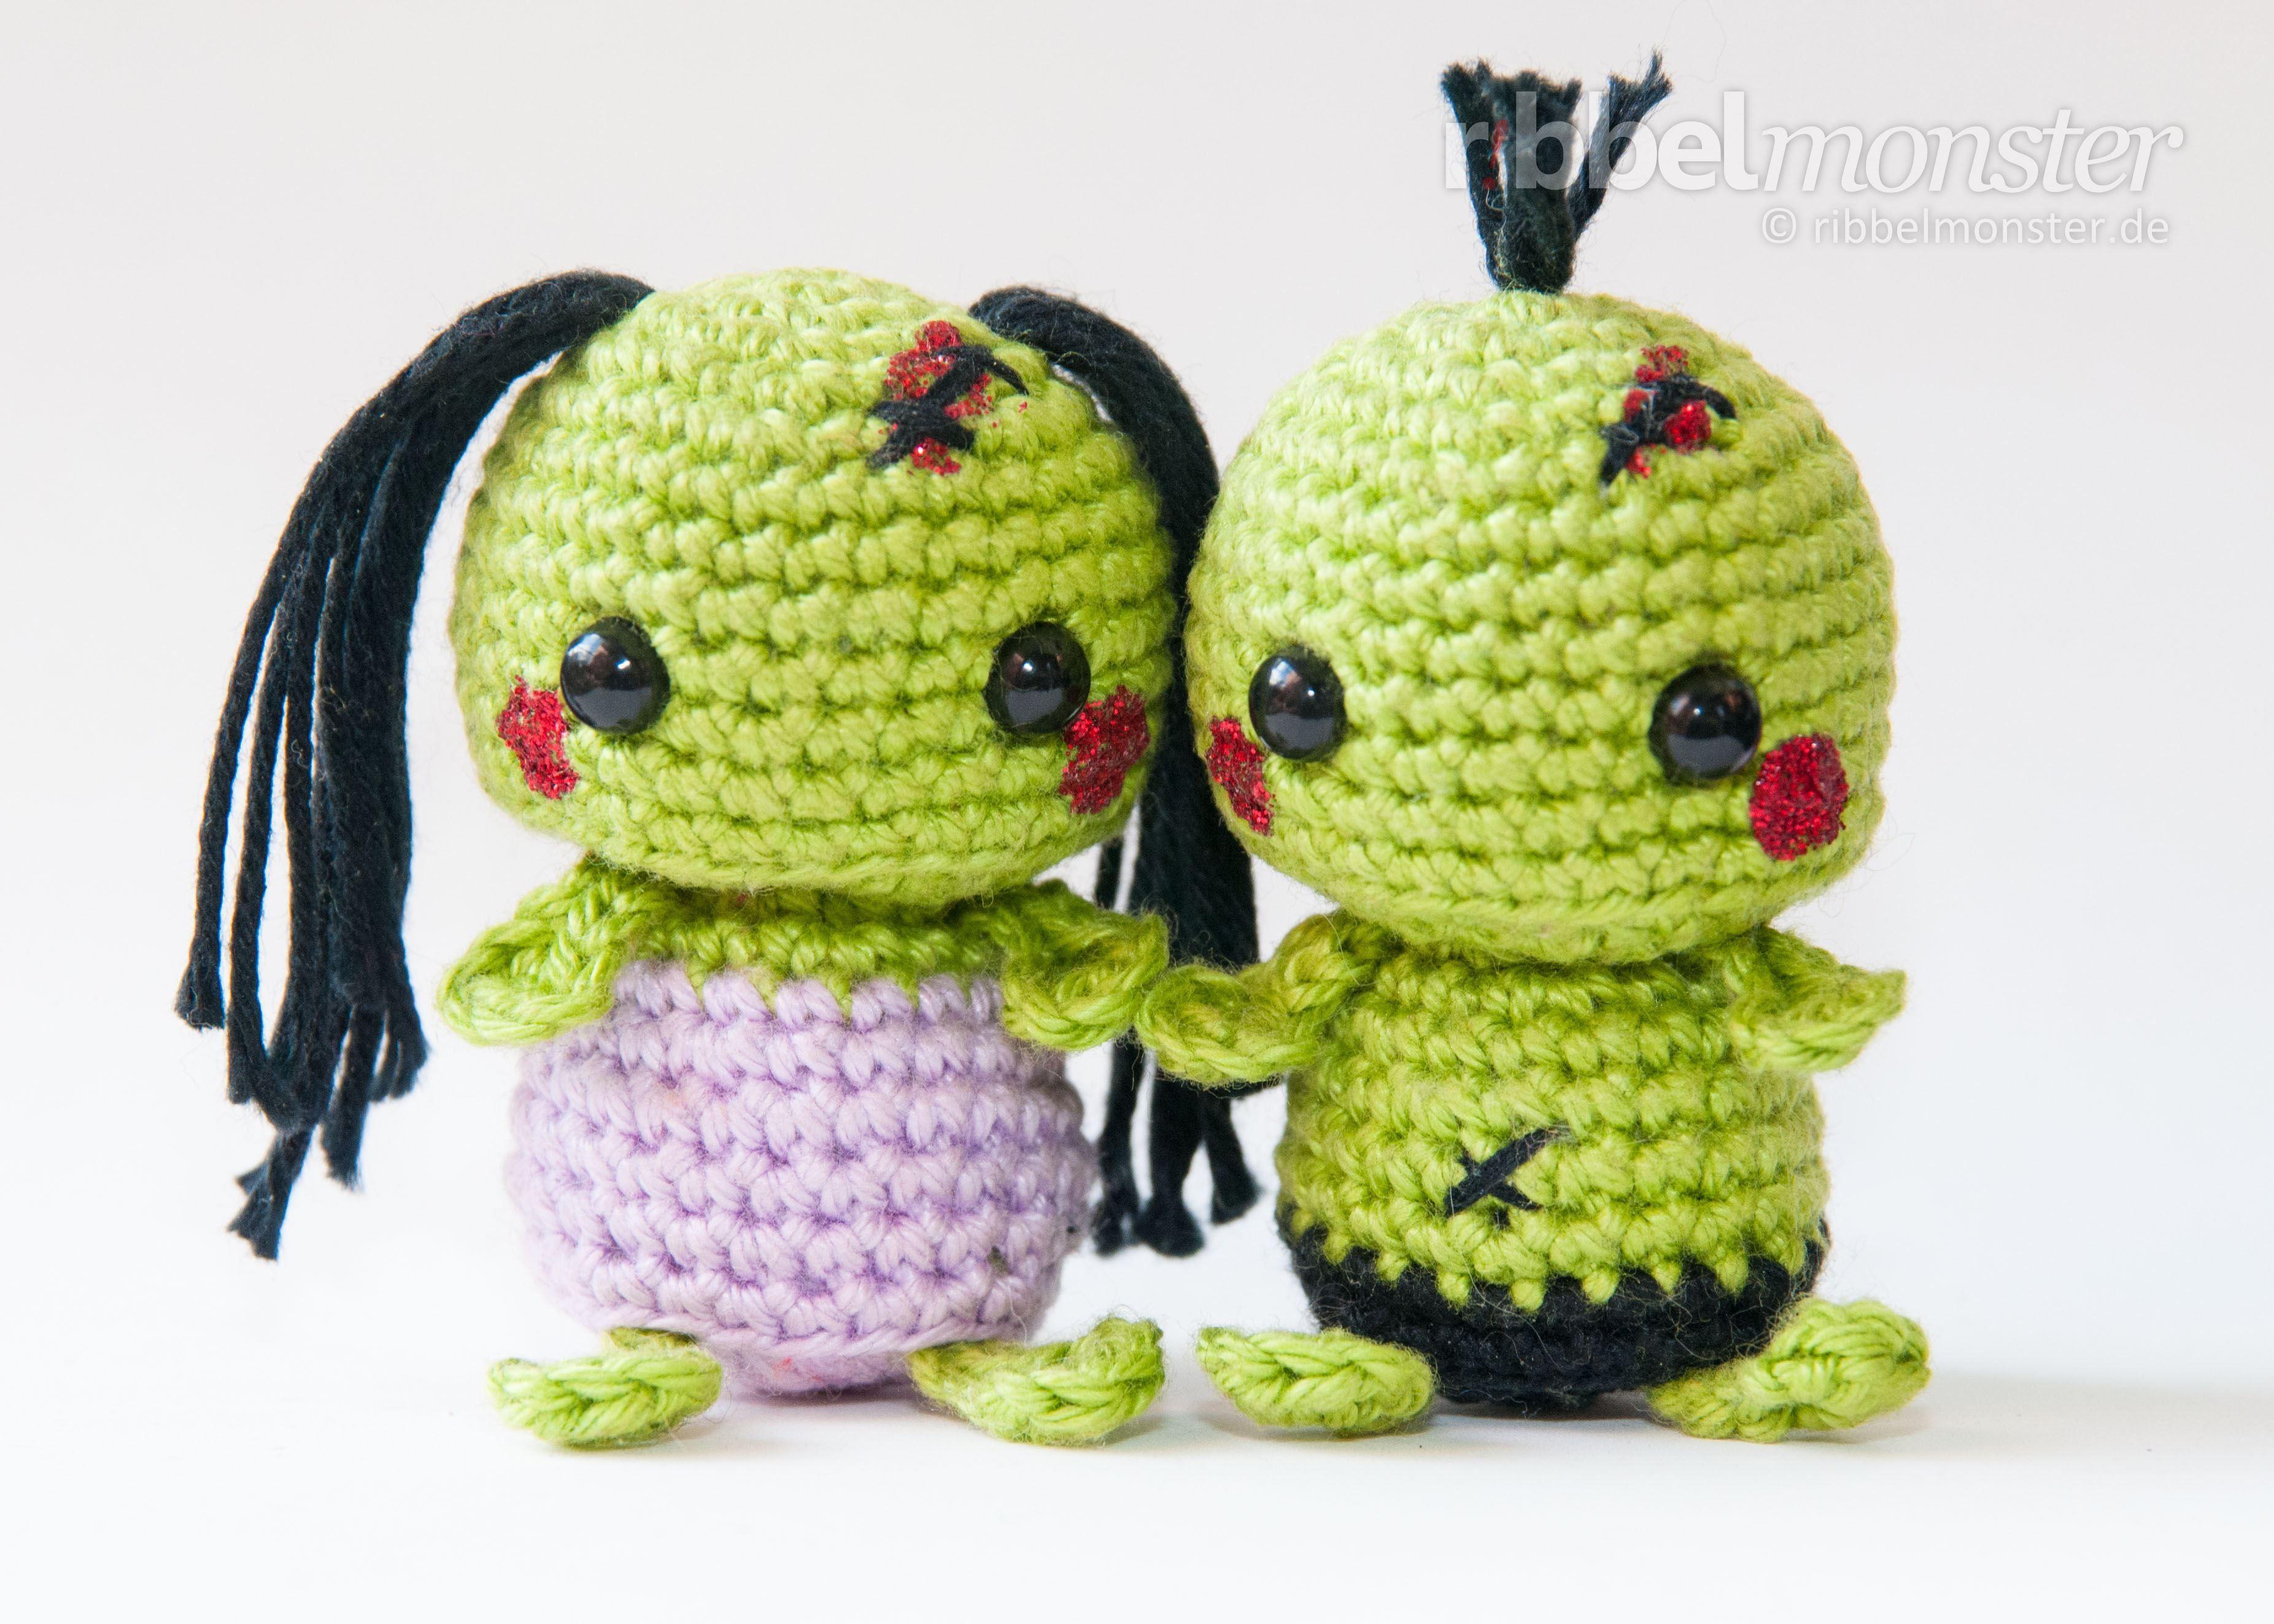 Amigurumi - Minimee Zombies häkeln - kostenlose Häkelanleitung ...